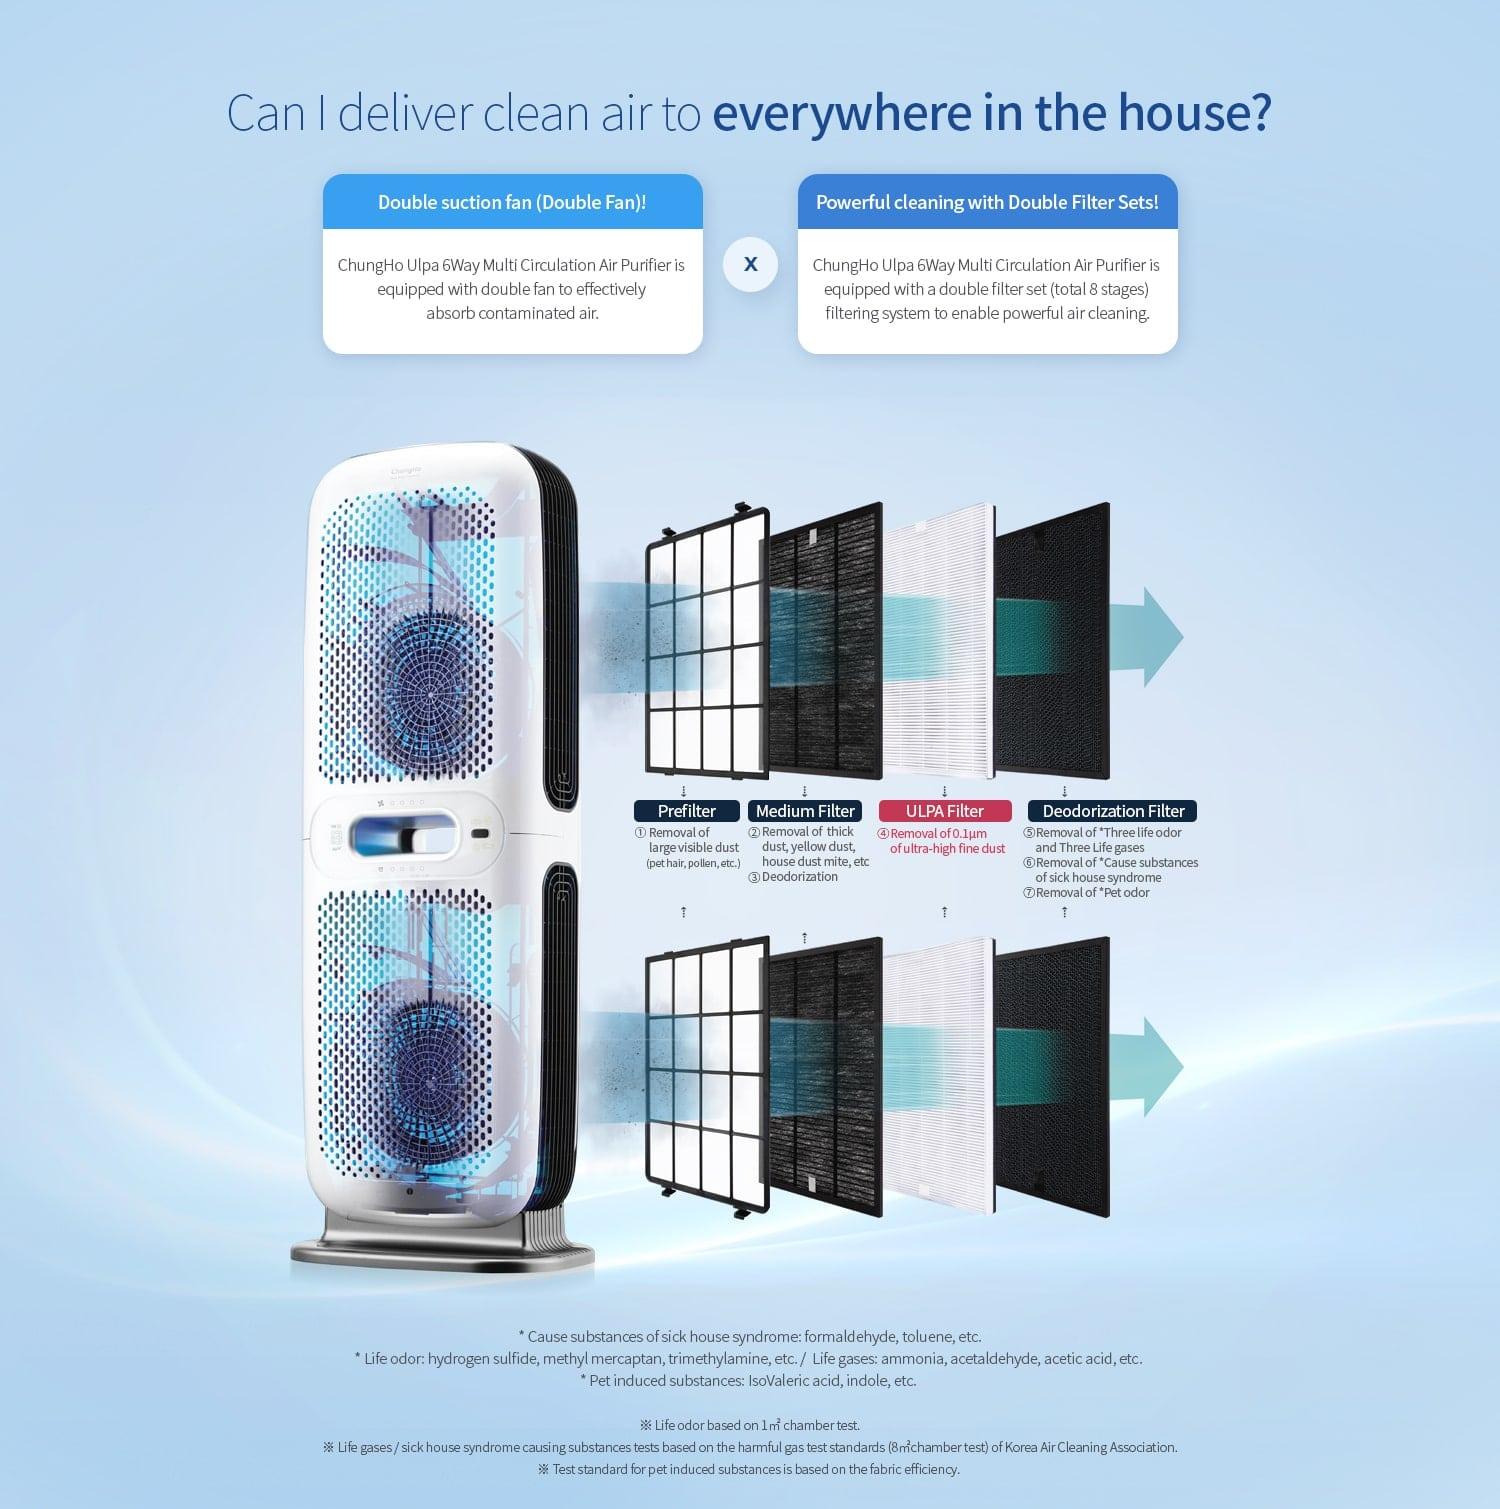 Bộ lọc 4 cấp cho hiệu quả lọc siêu sạch